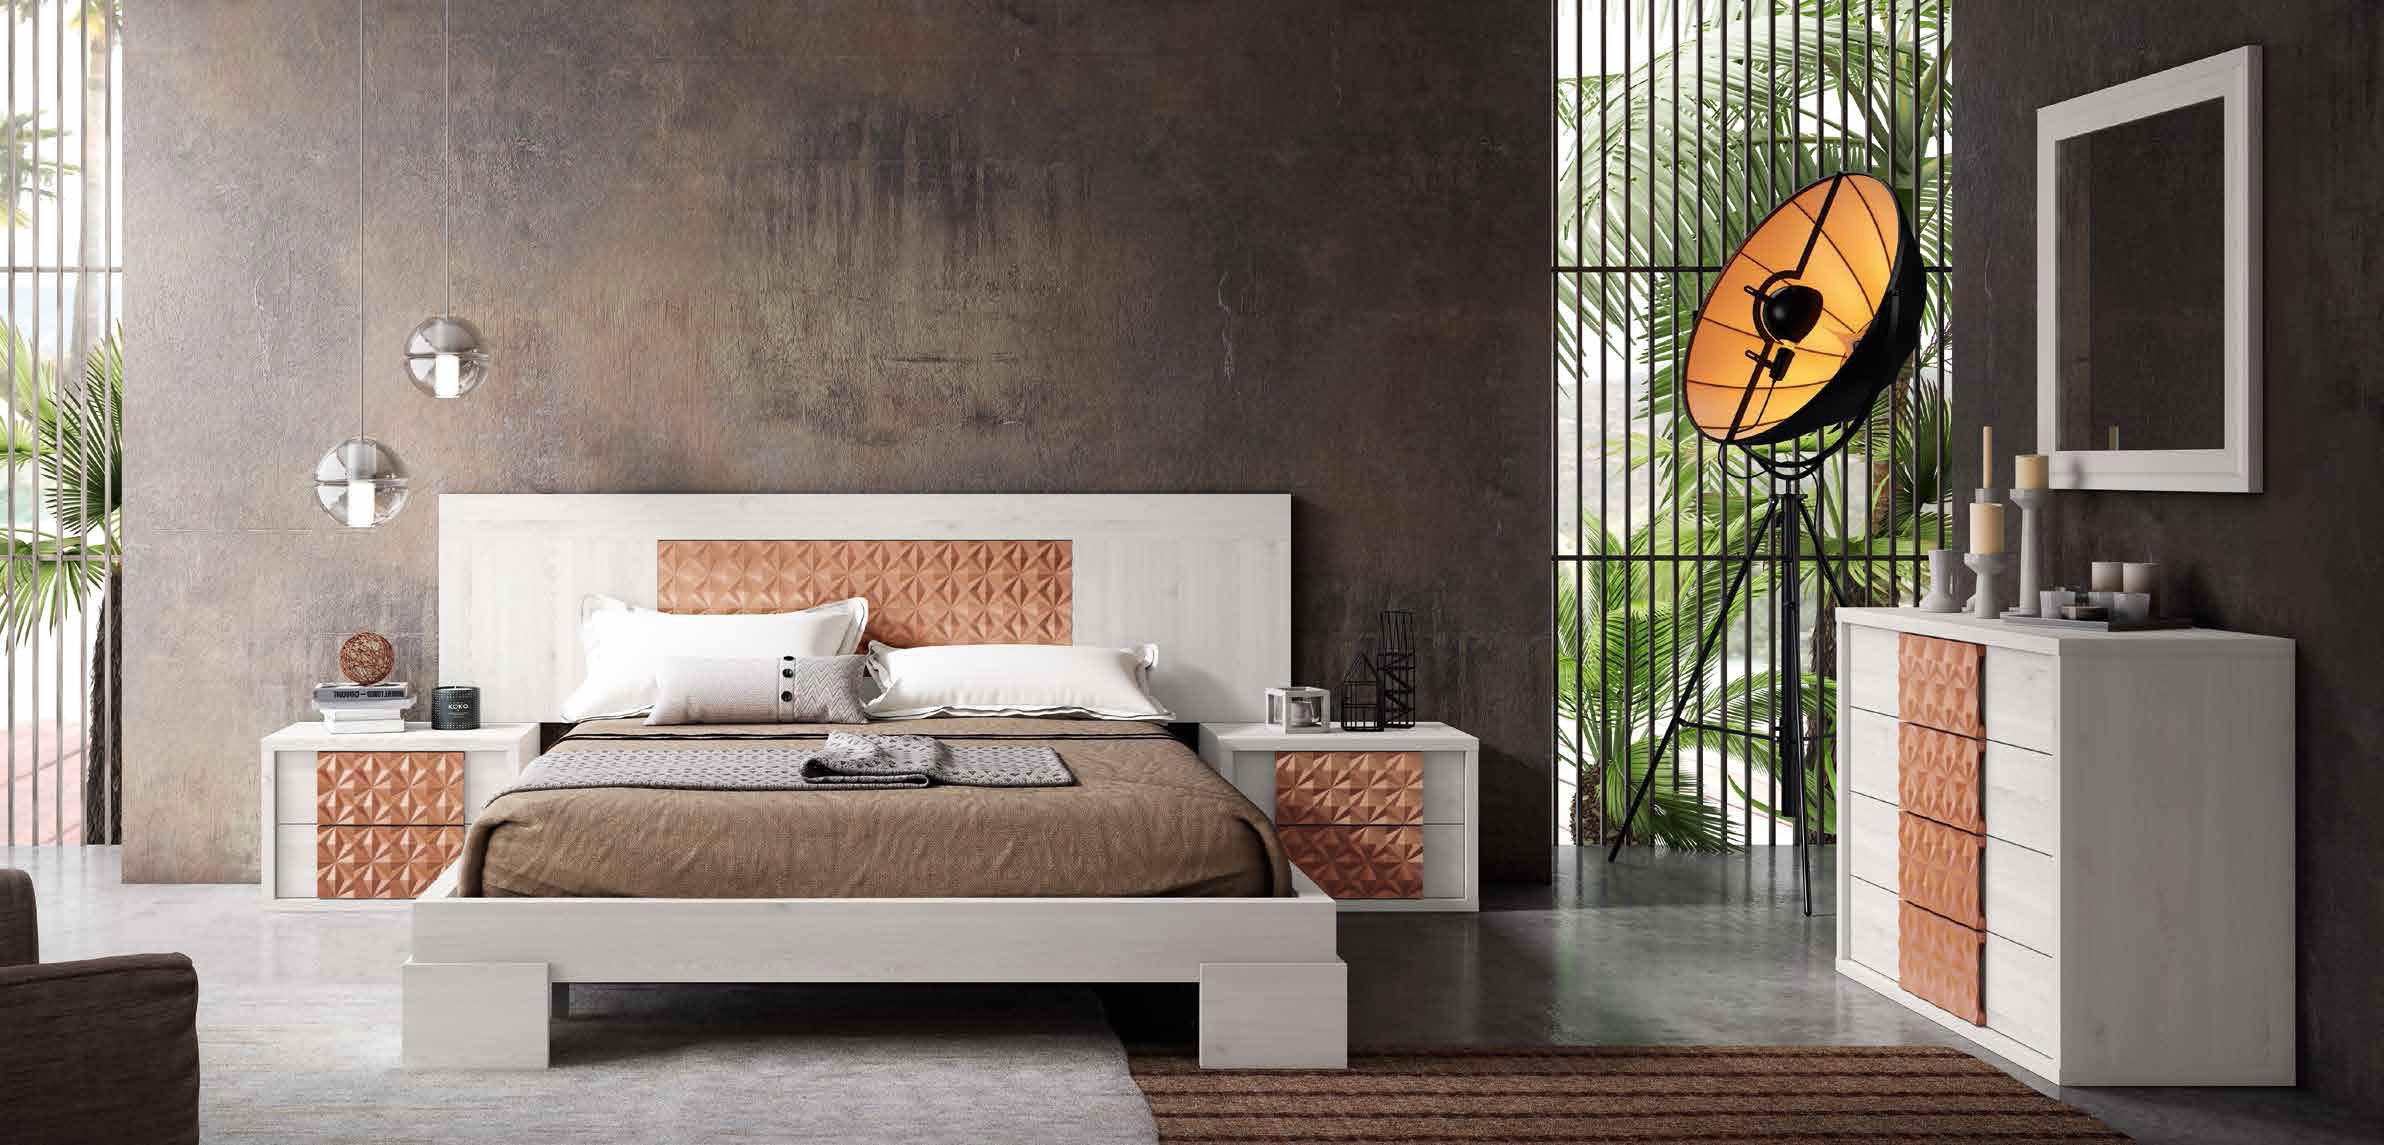 creta-dormitorio-leto-tax-32